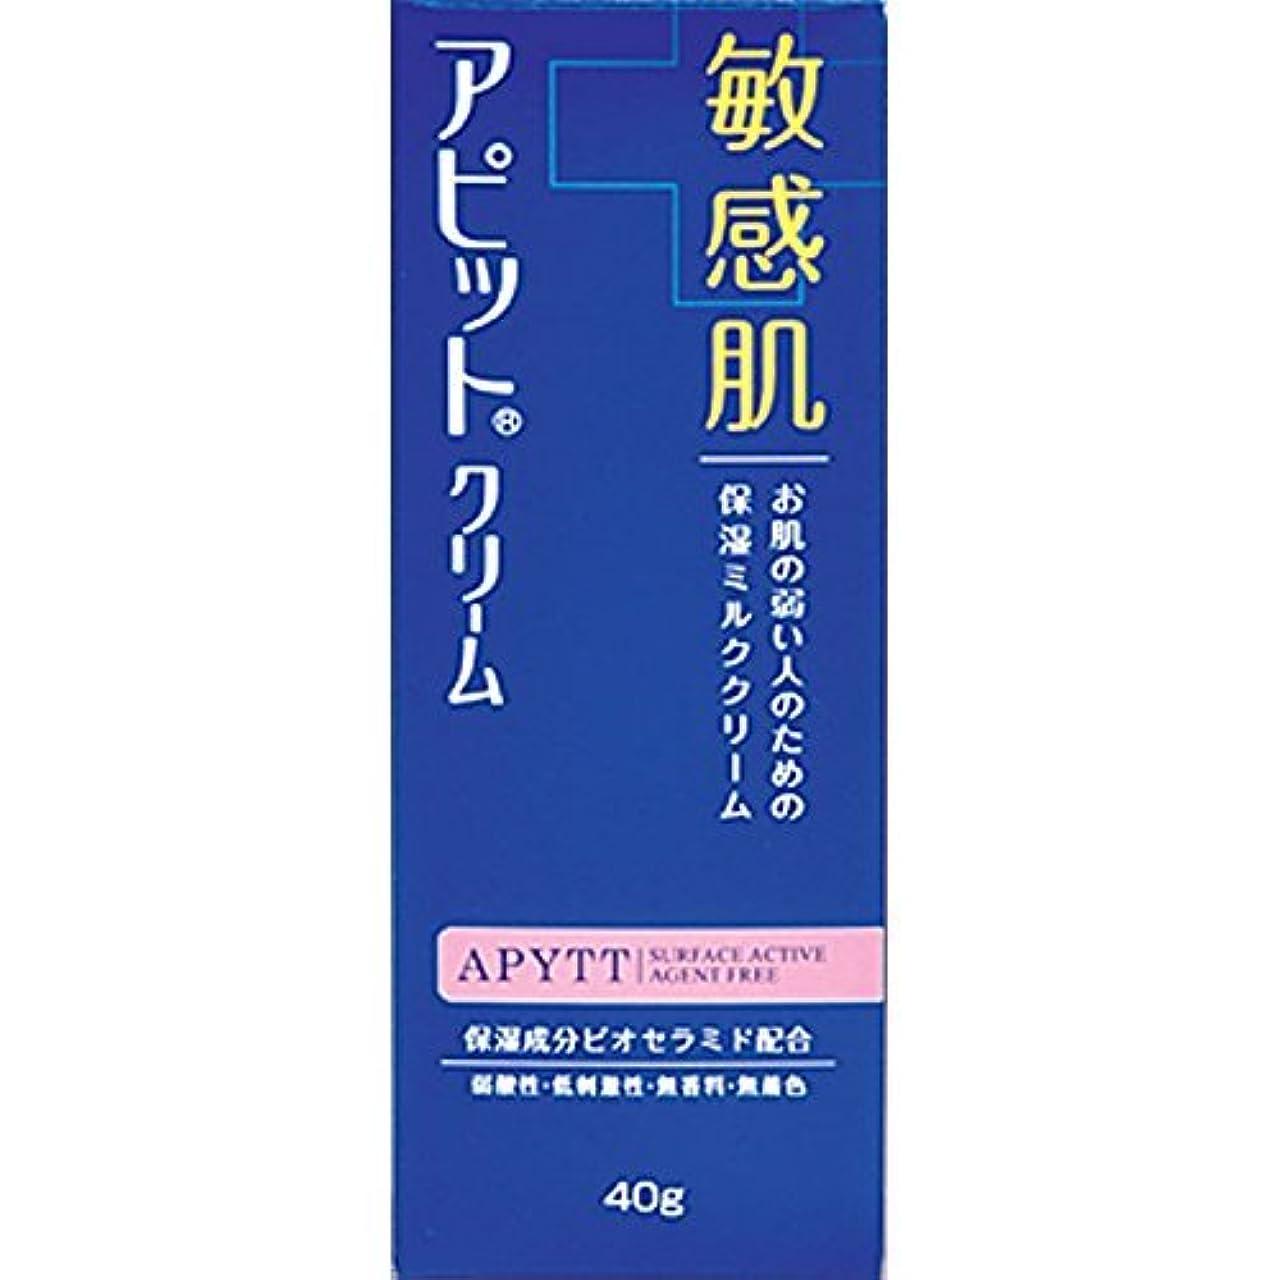 地平線ビジネス専門用語全薬工業 アピットクリーム 40g (医薬部外品)